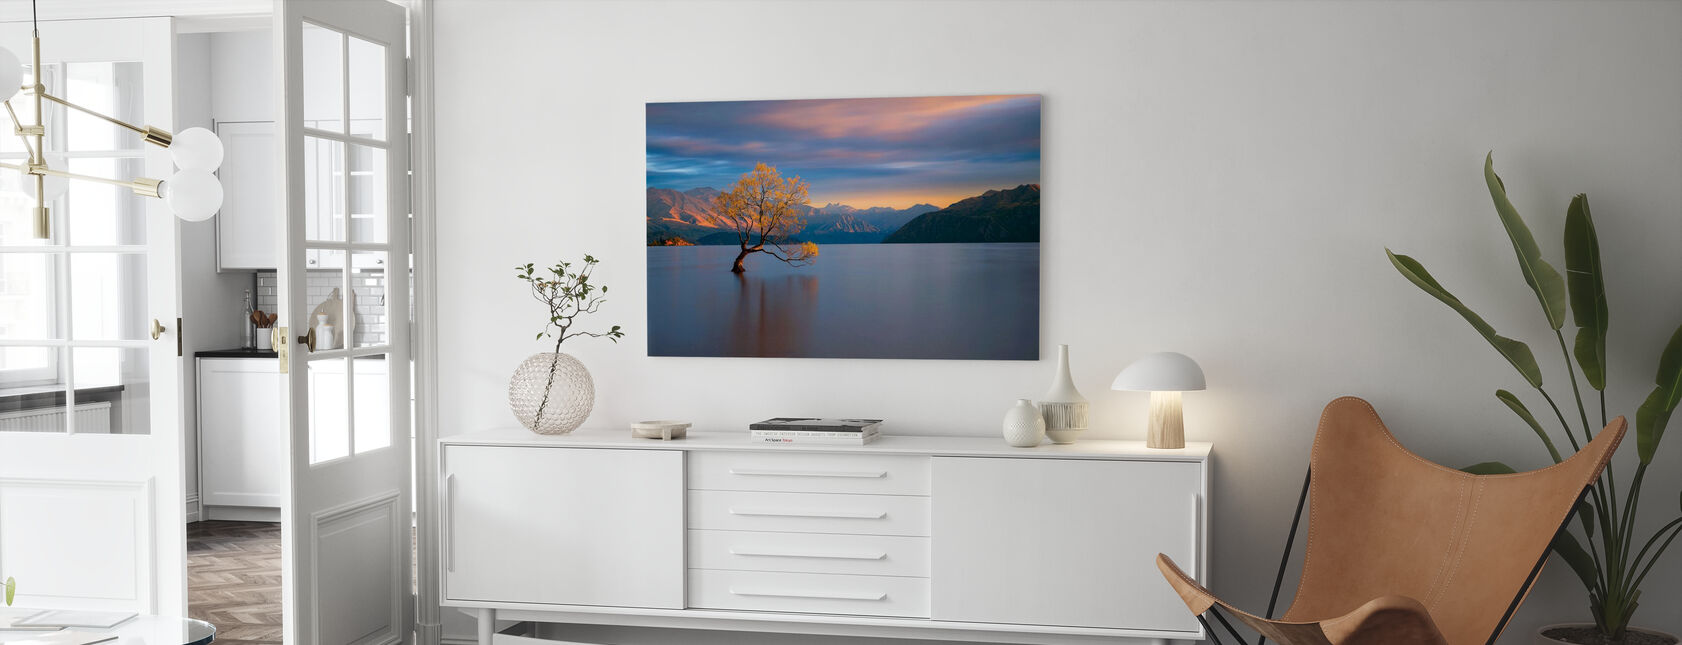 Morgenglühen - Leinwandbild - Wohnzimmer